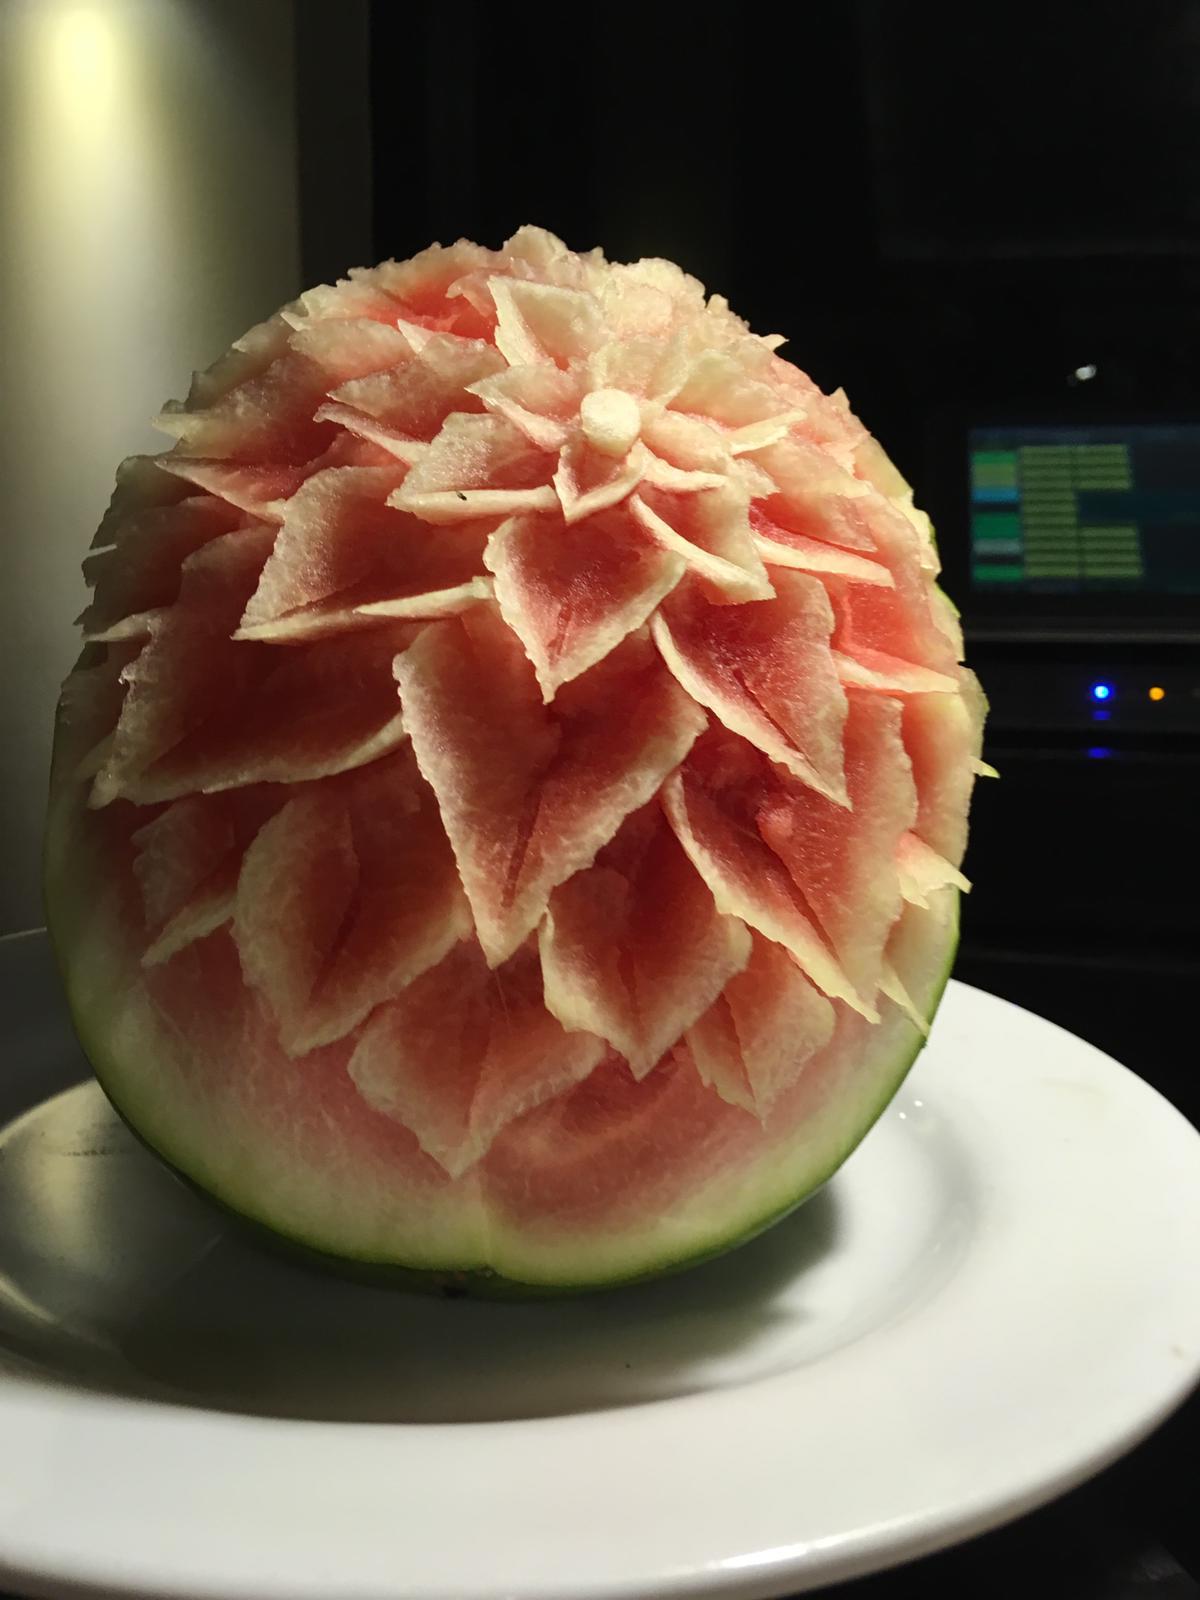 invite-to-paradise-sri-lanka-family-holiday-specialists-customer-feedback-pickering-watermelon.jpg